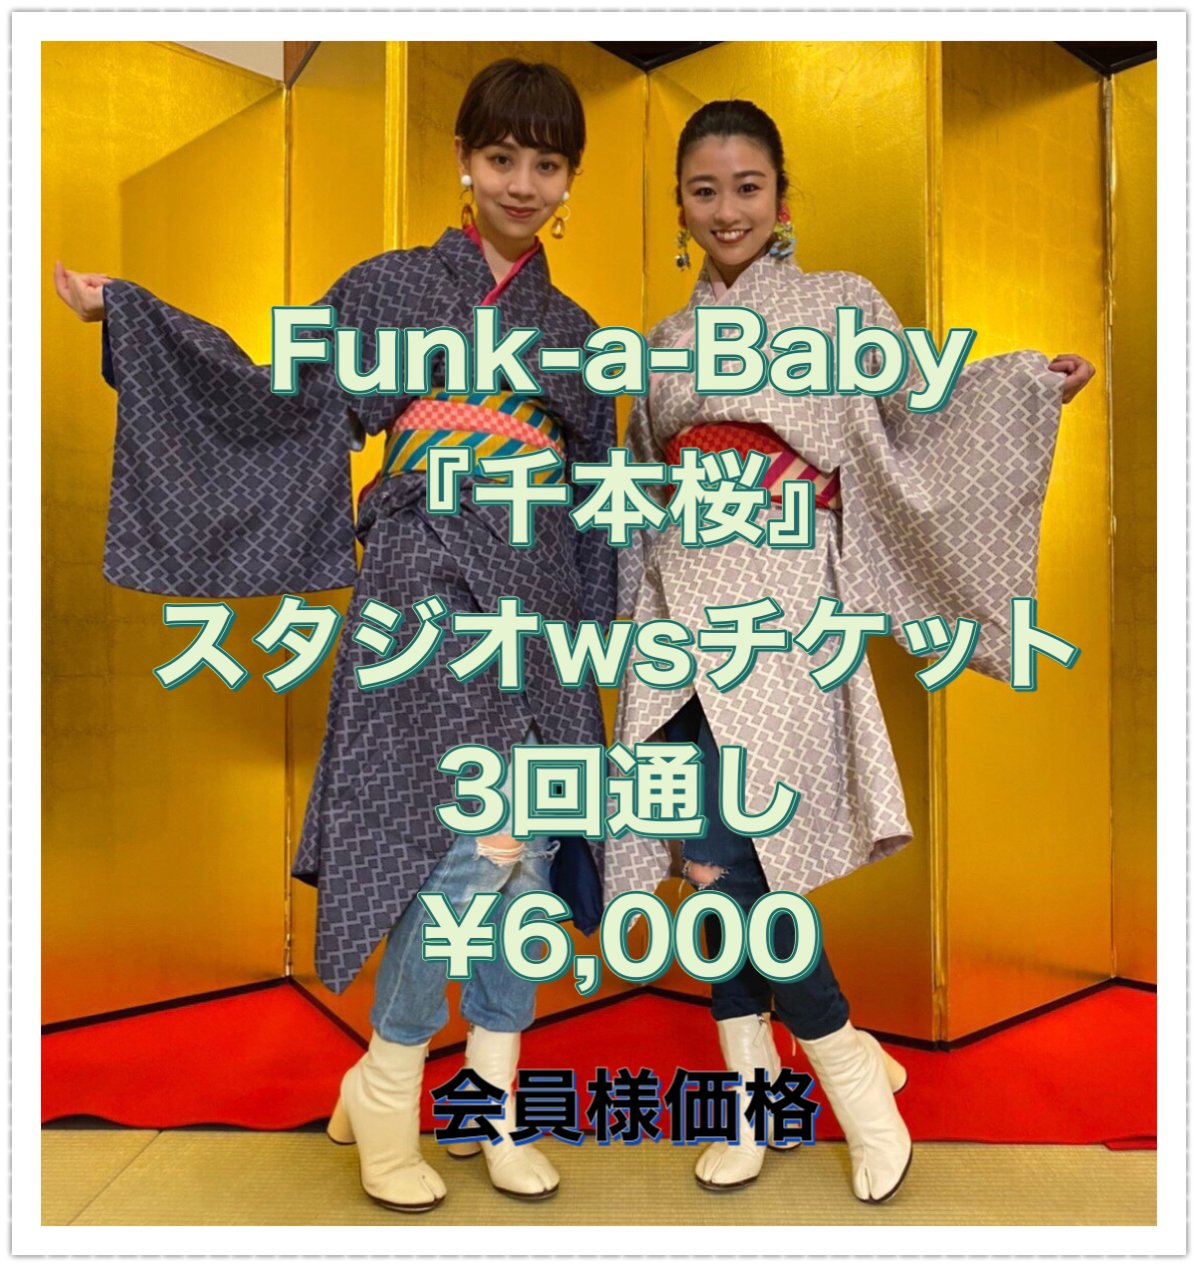 Funk-a-Baby「千本桜」スタジオWSチケット(会員様用)のイメージその1